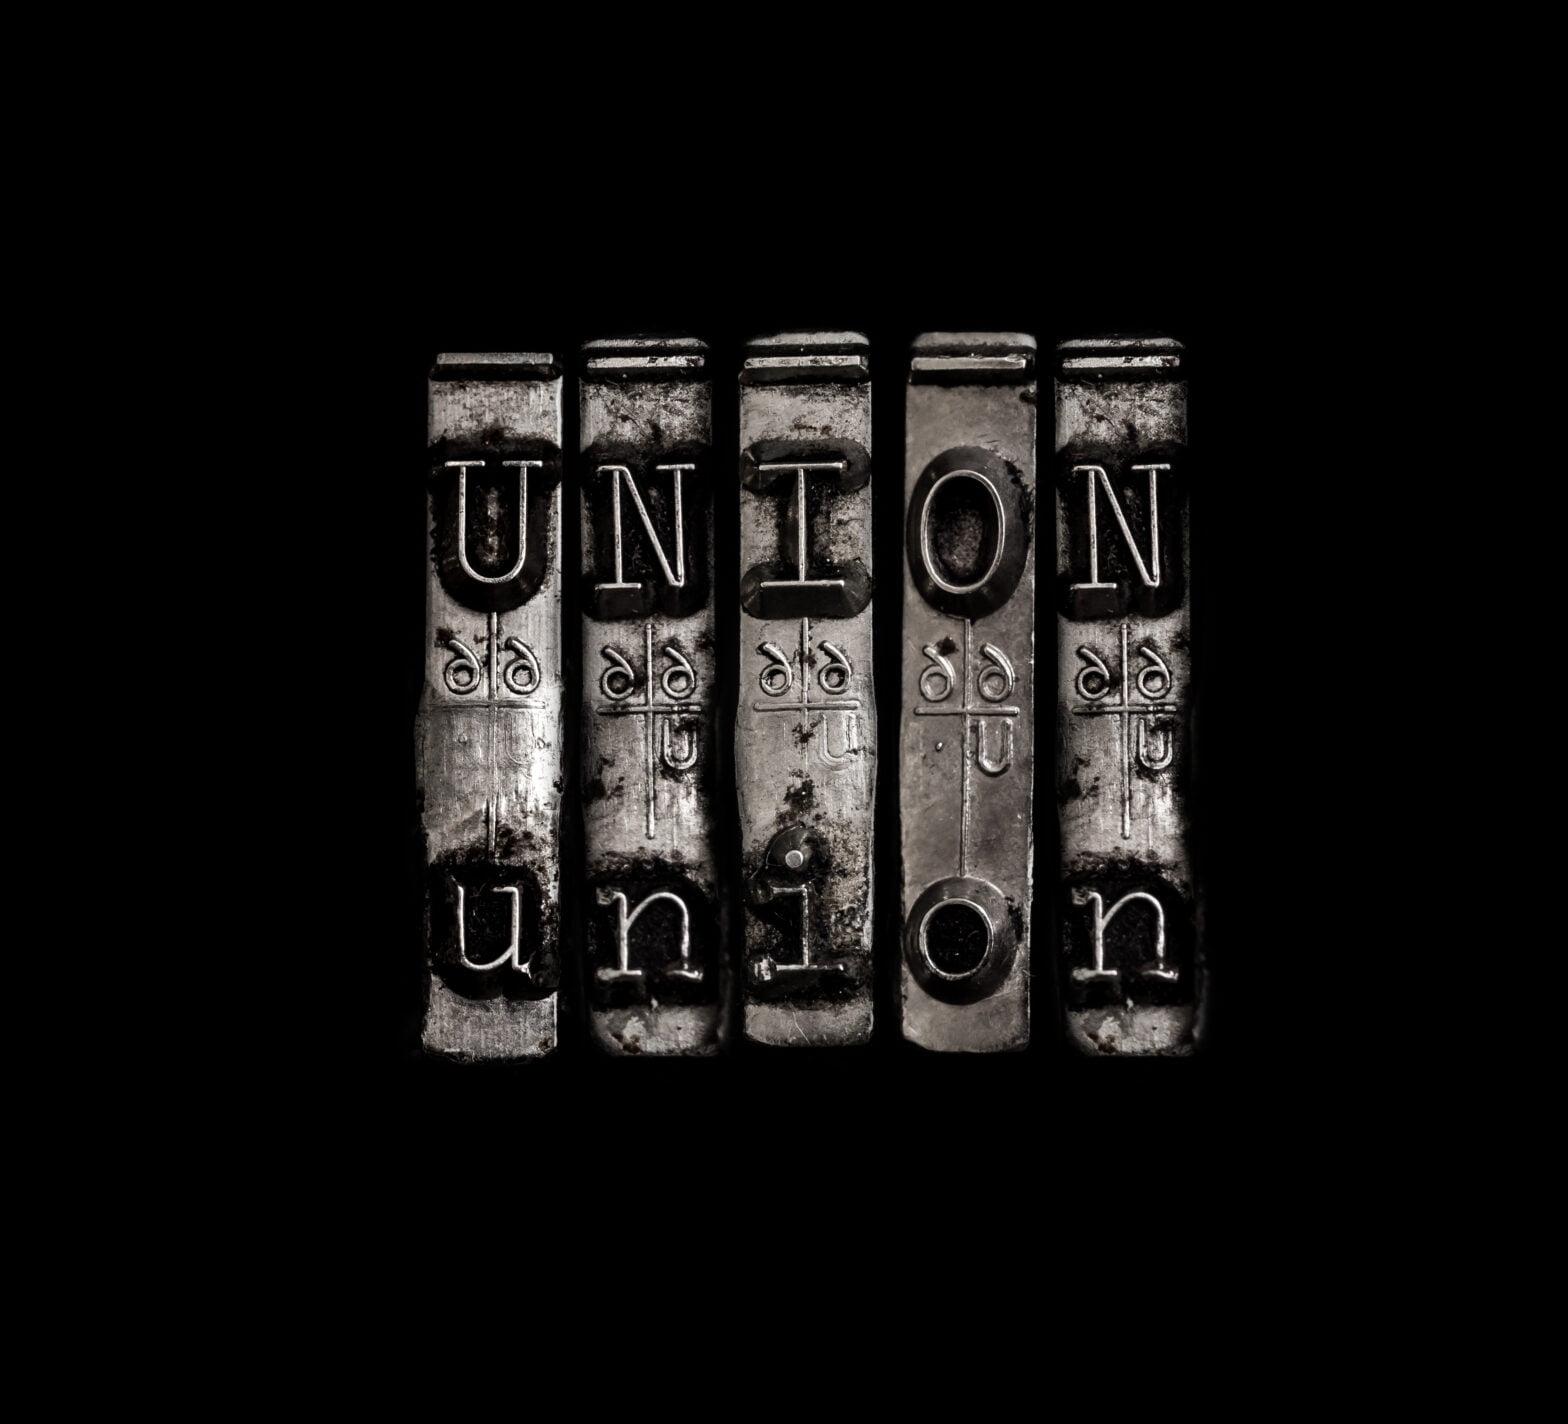 Union - fagforening, skrivemaskintaster